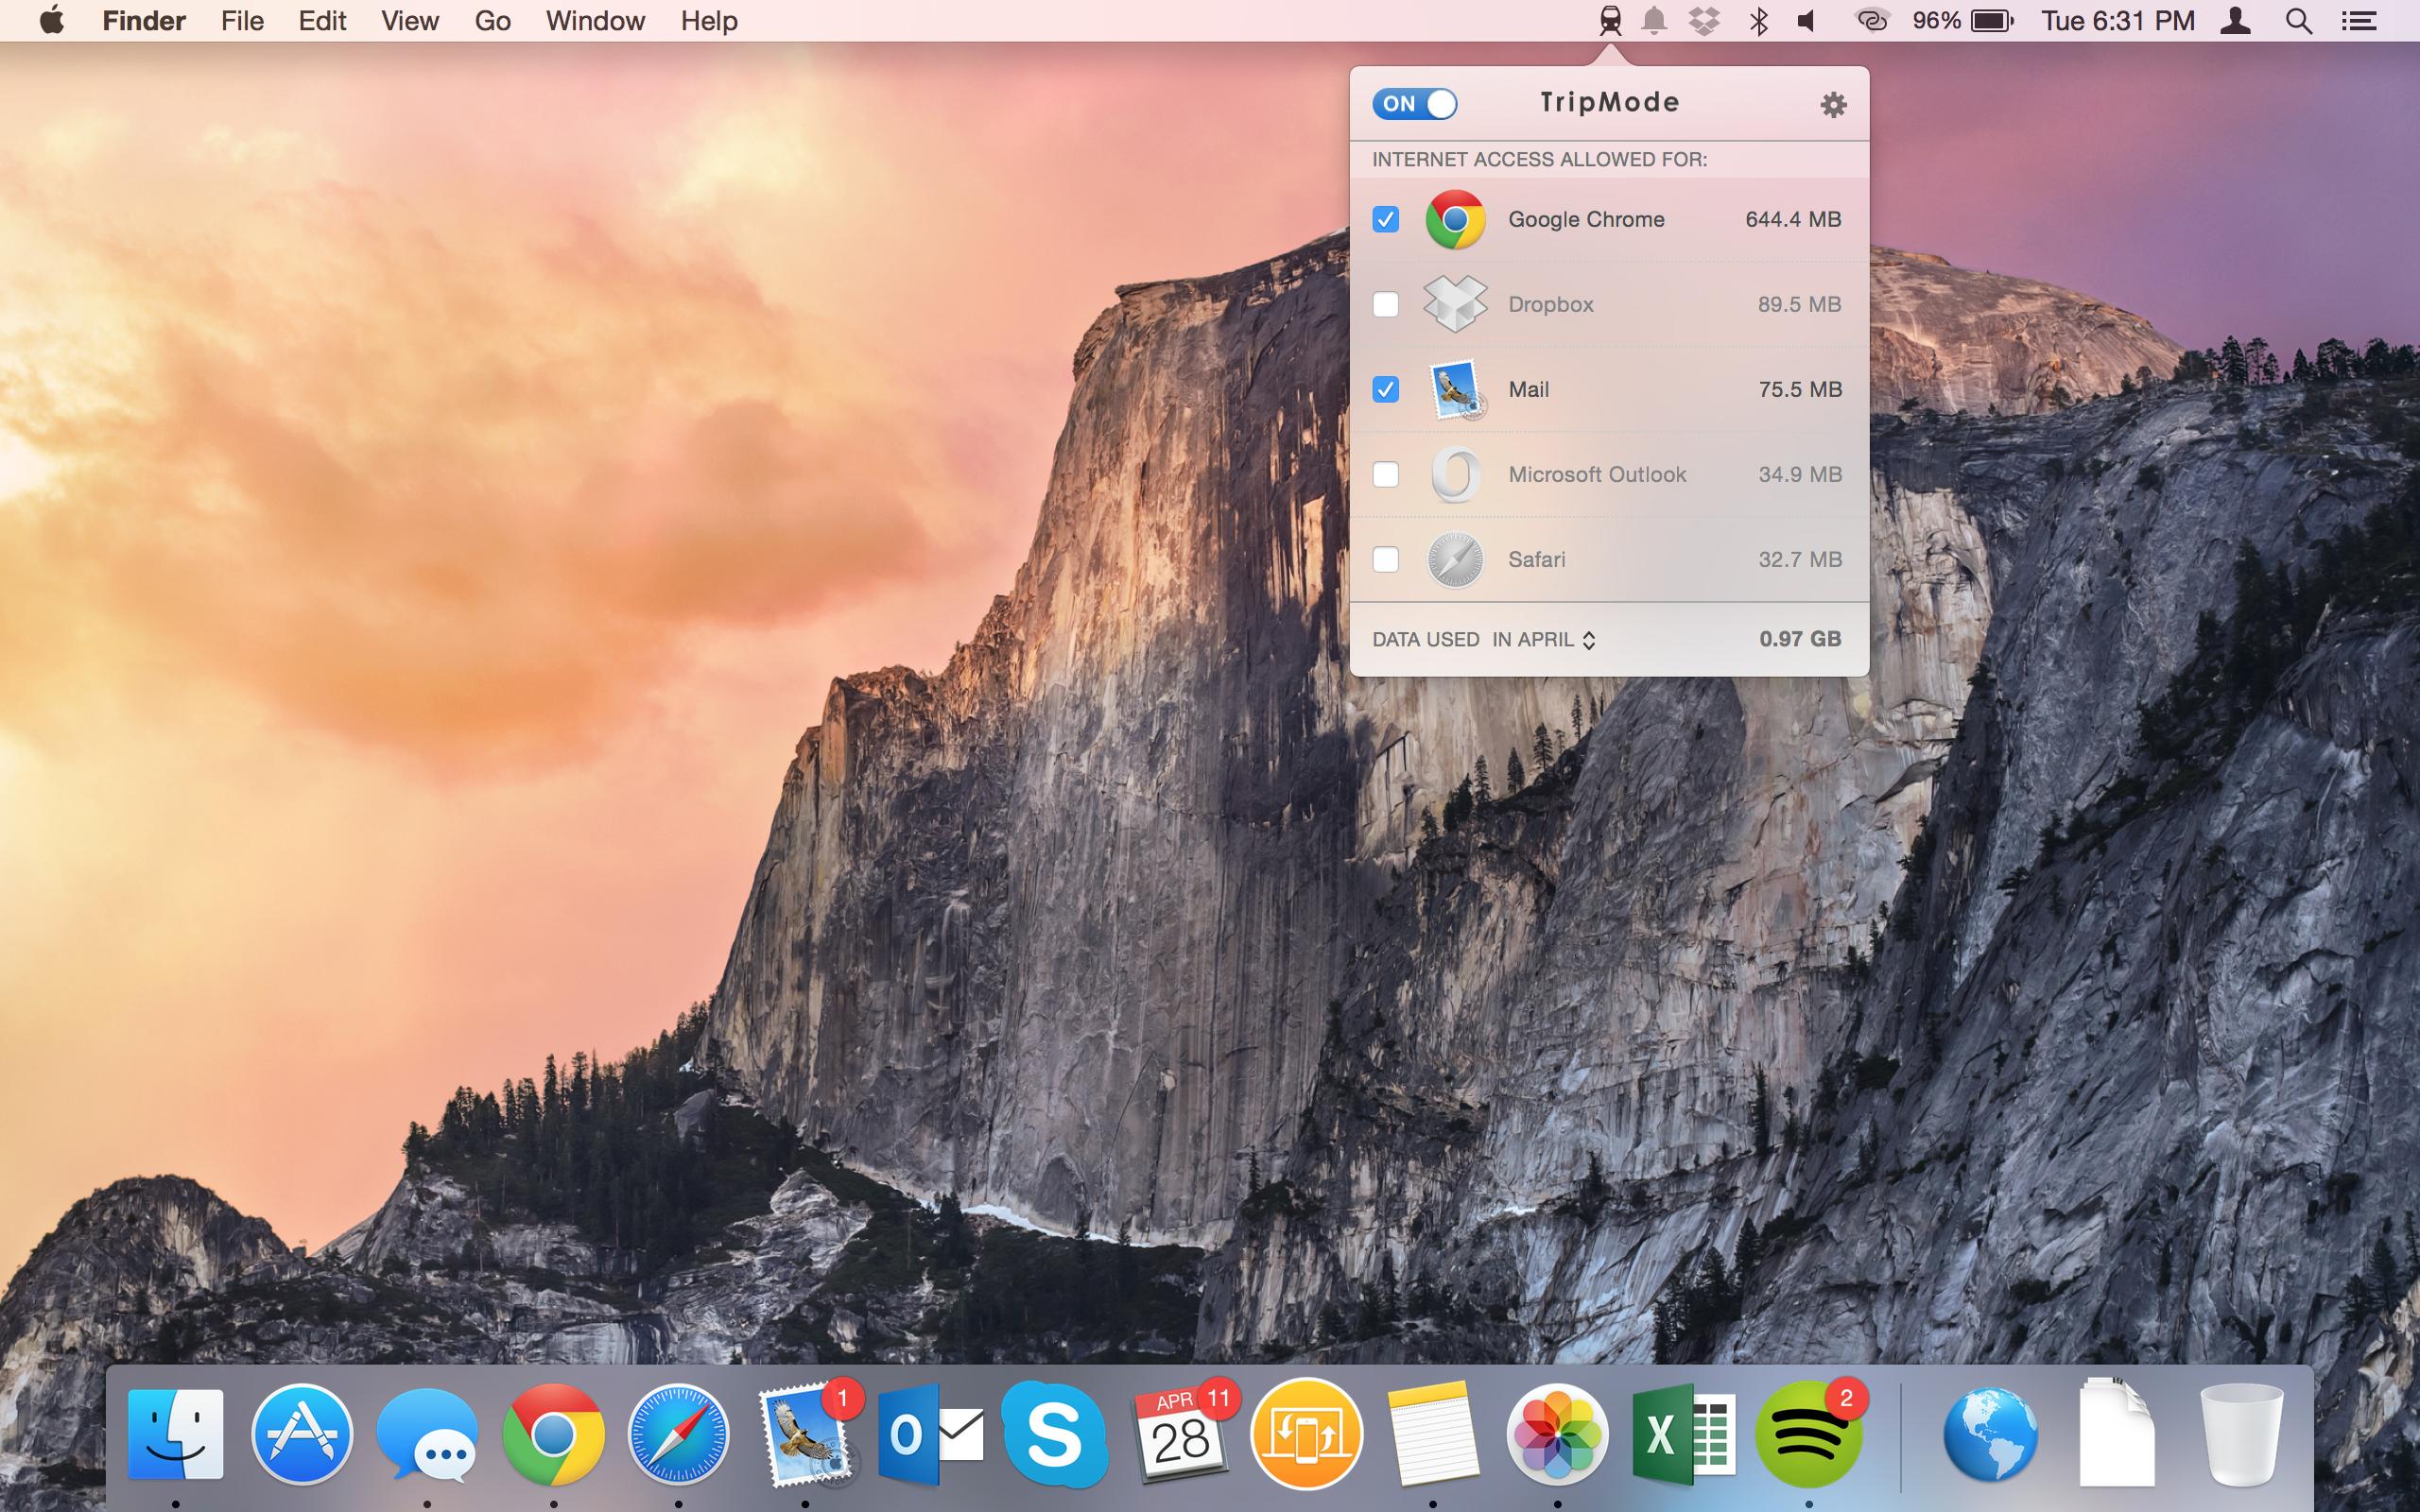 Ein kleines Icon oben rechts erlaubt den einfachen Zugriff auf die Liste der Apps, die gerne online gehen. (Foto: Tripmode.ch)